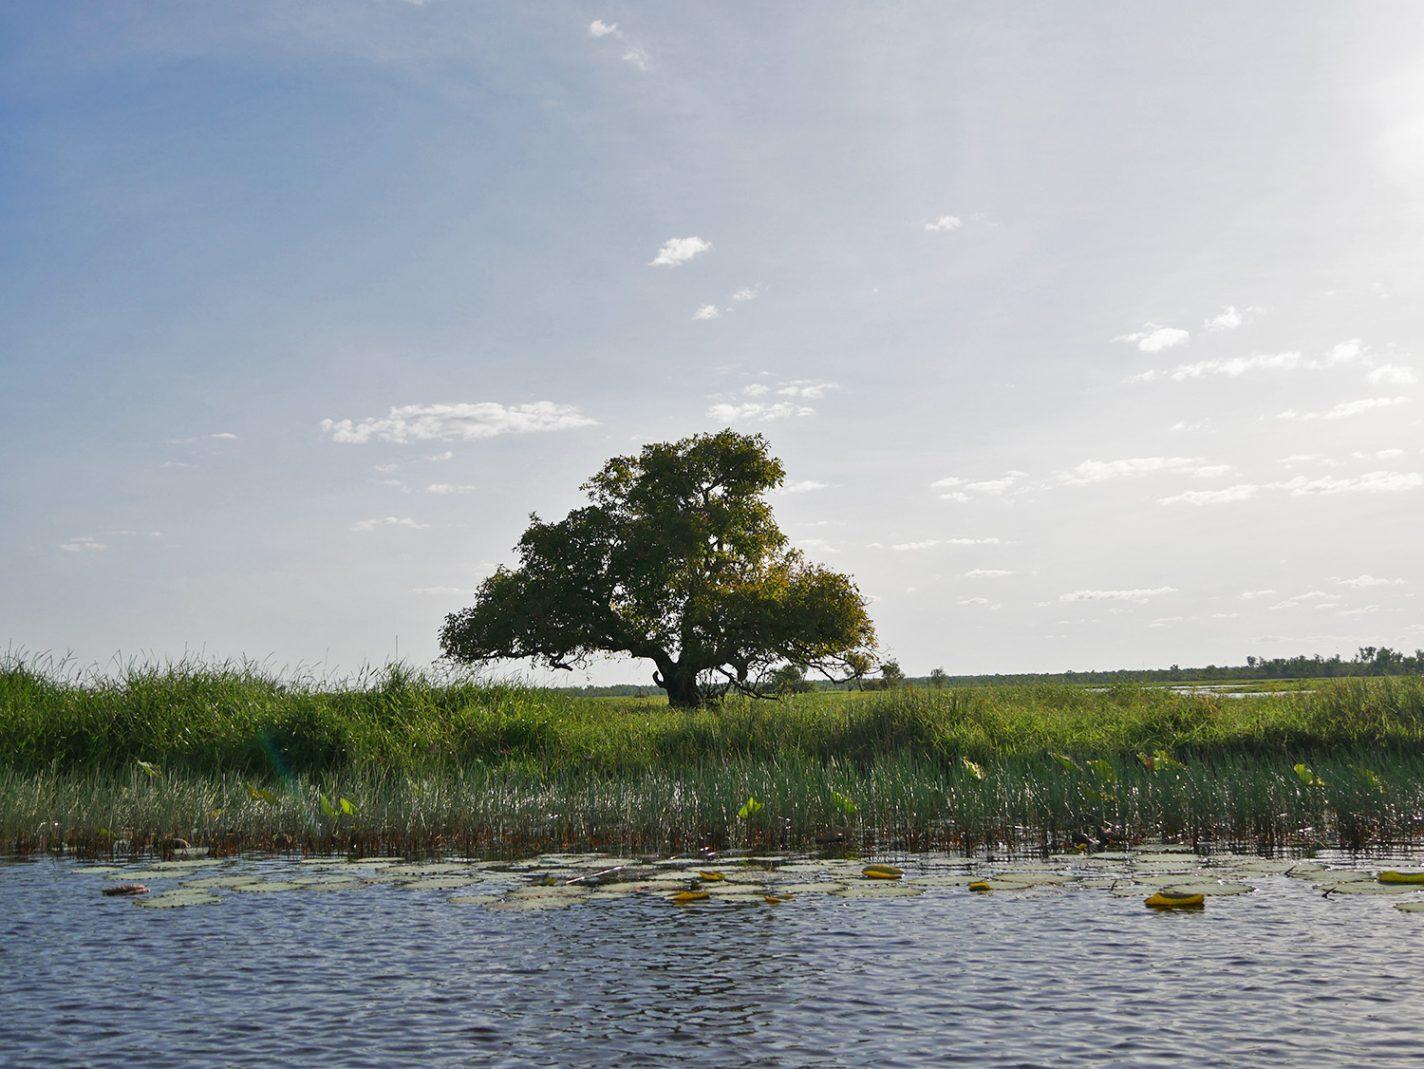 Prachtige landschappen en een laaghangend zonnetje - Corroboree Billabong Wetland Cruise